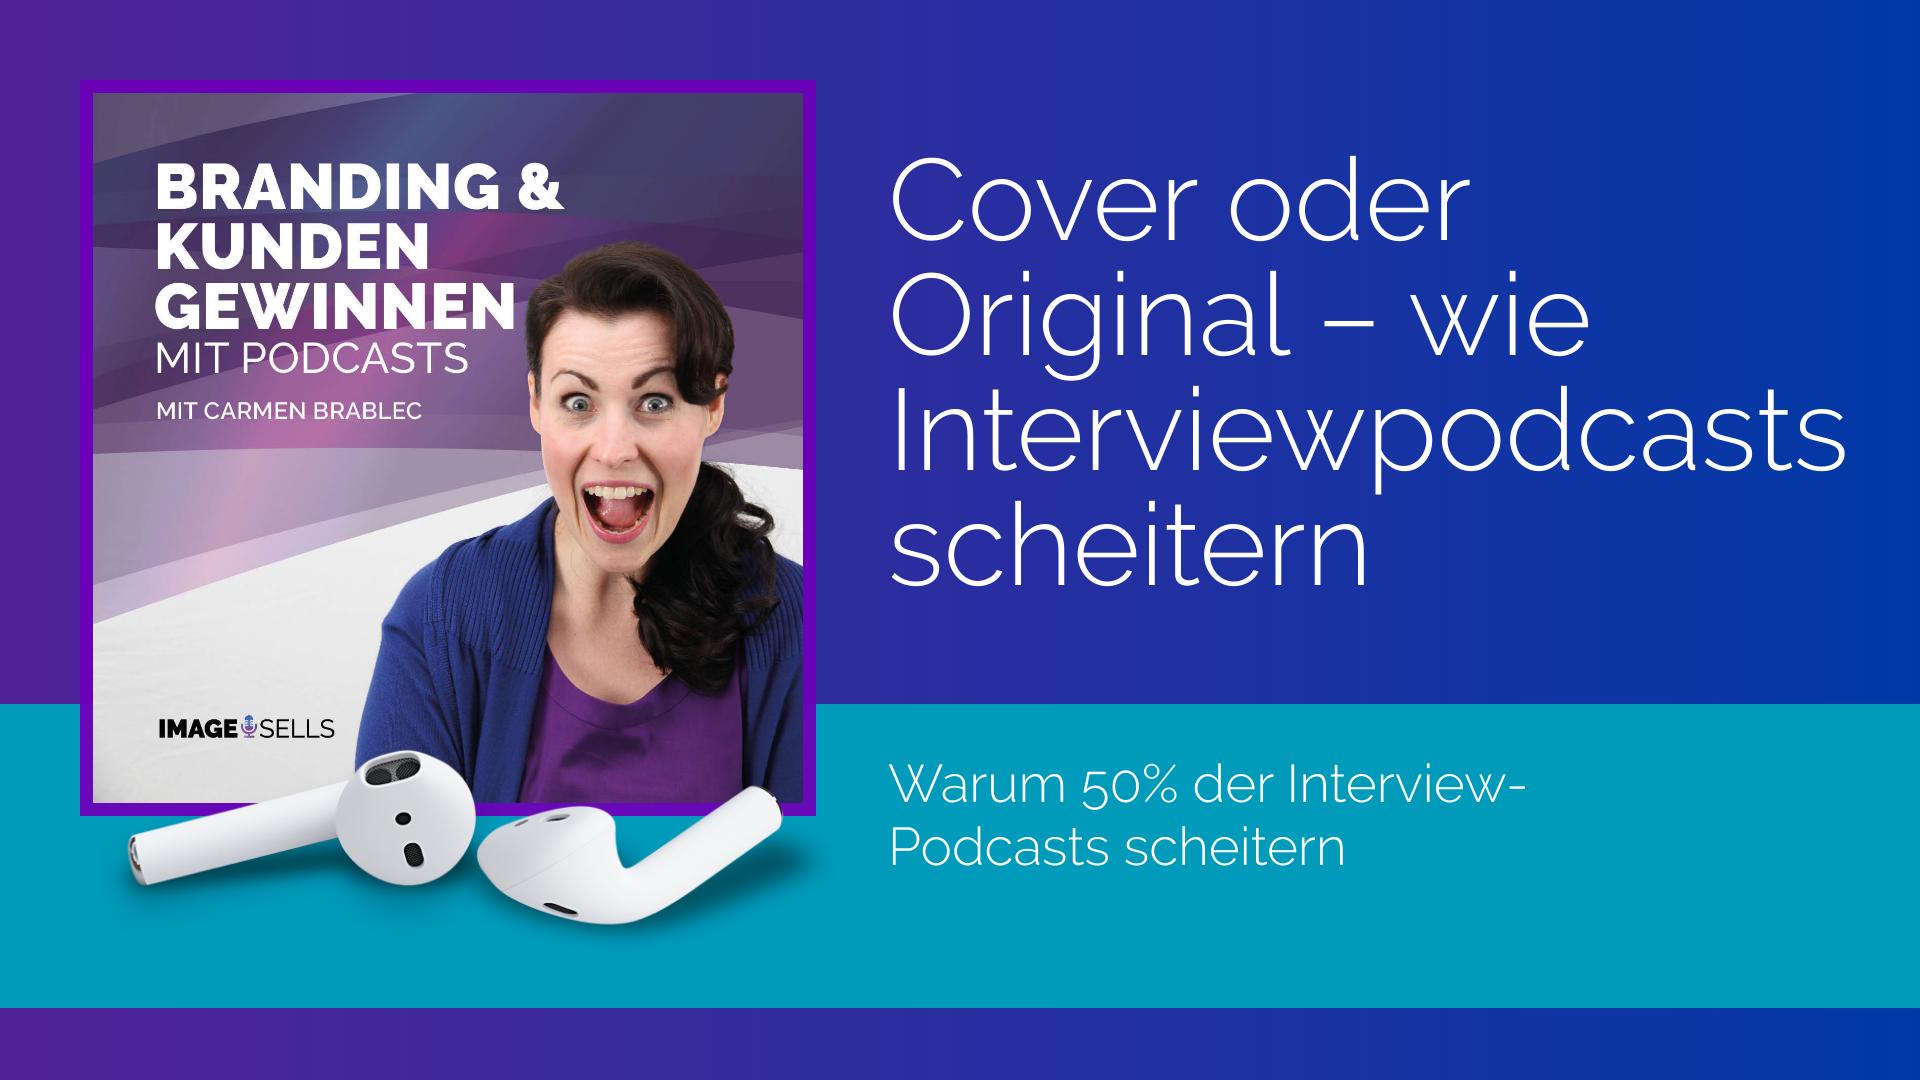 Cover oder Original – so scheitert Dein Interviewpodcast